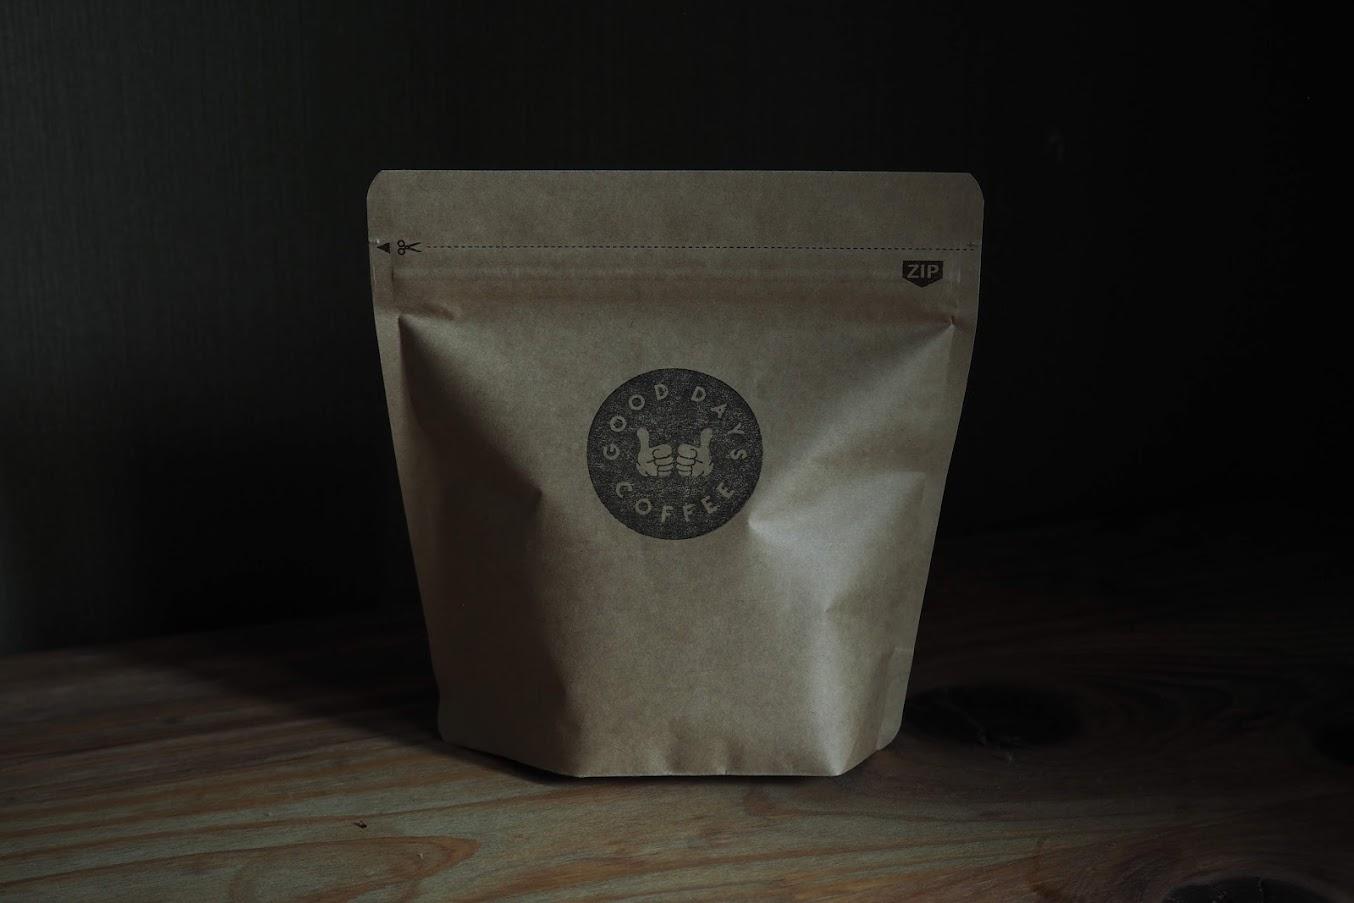 GOODDAYSCOFFEEでコーヒーをテイクアウト